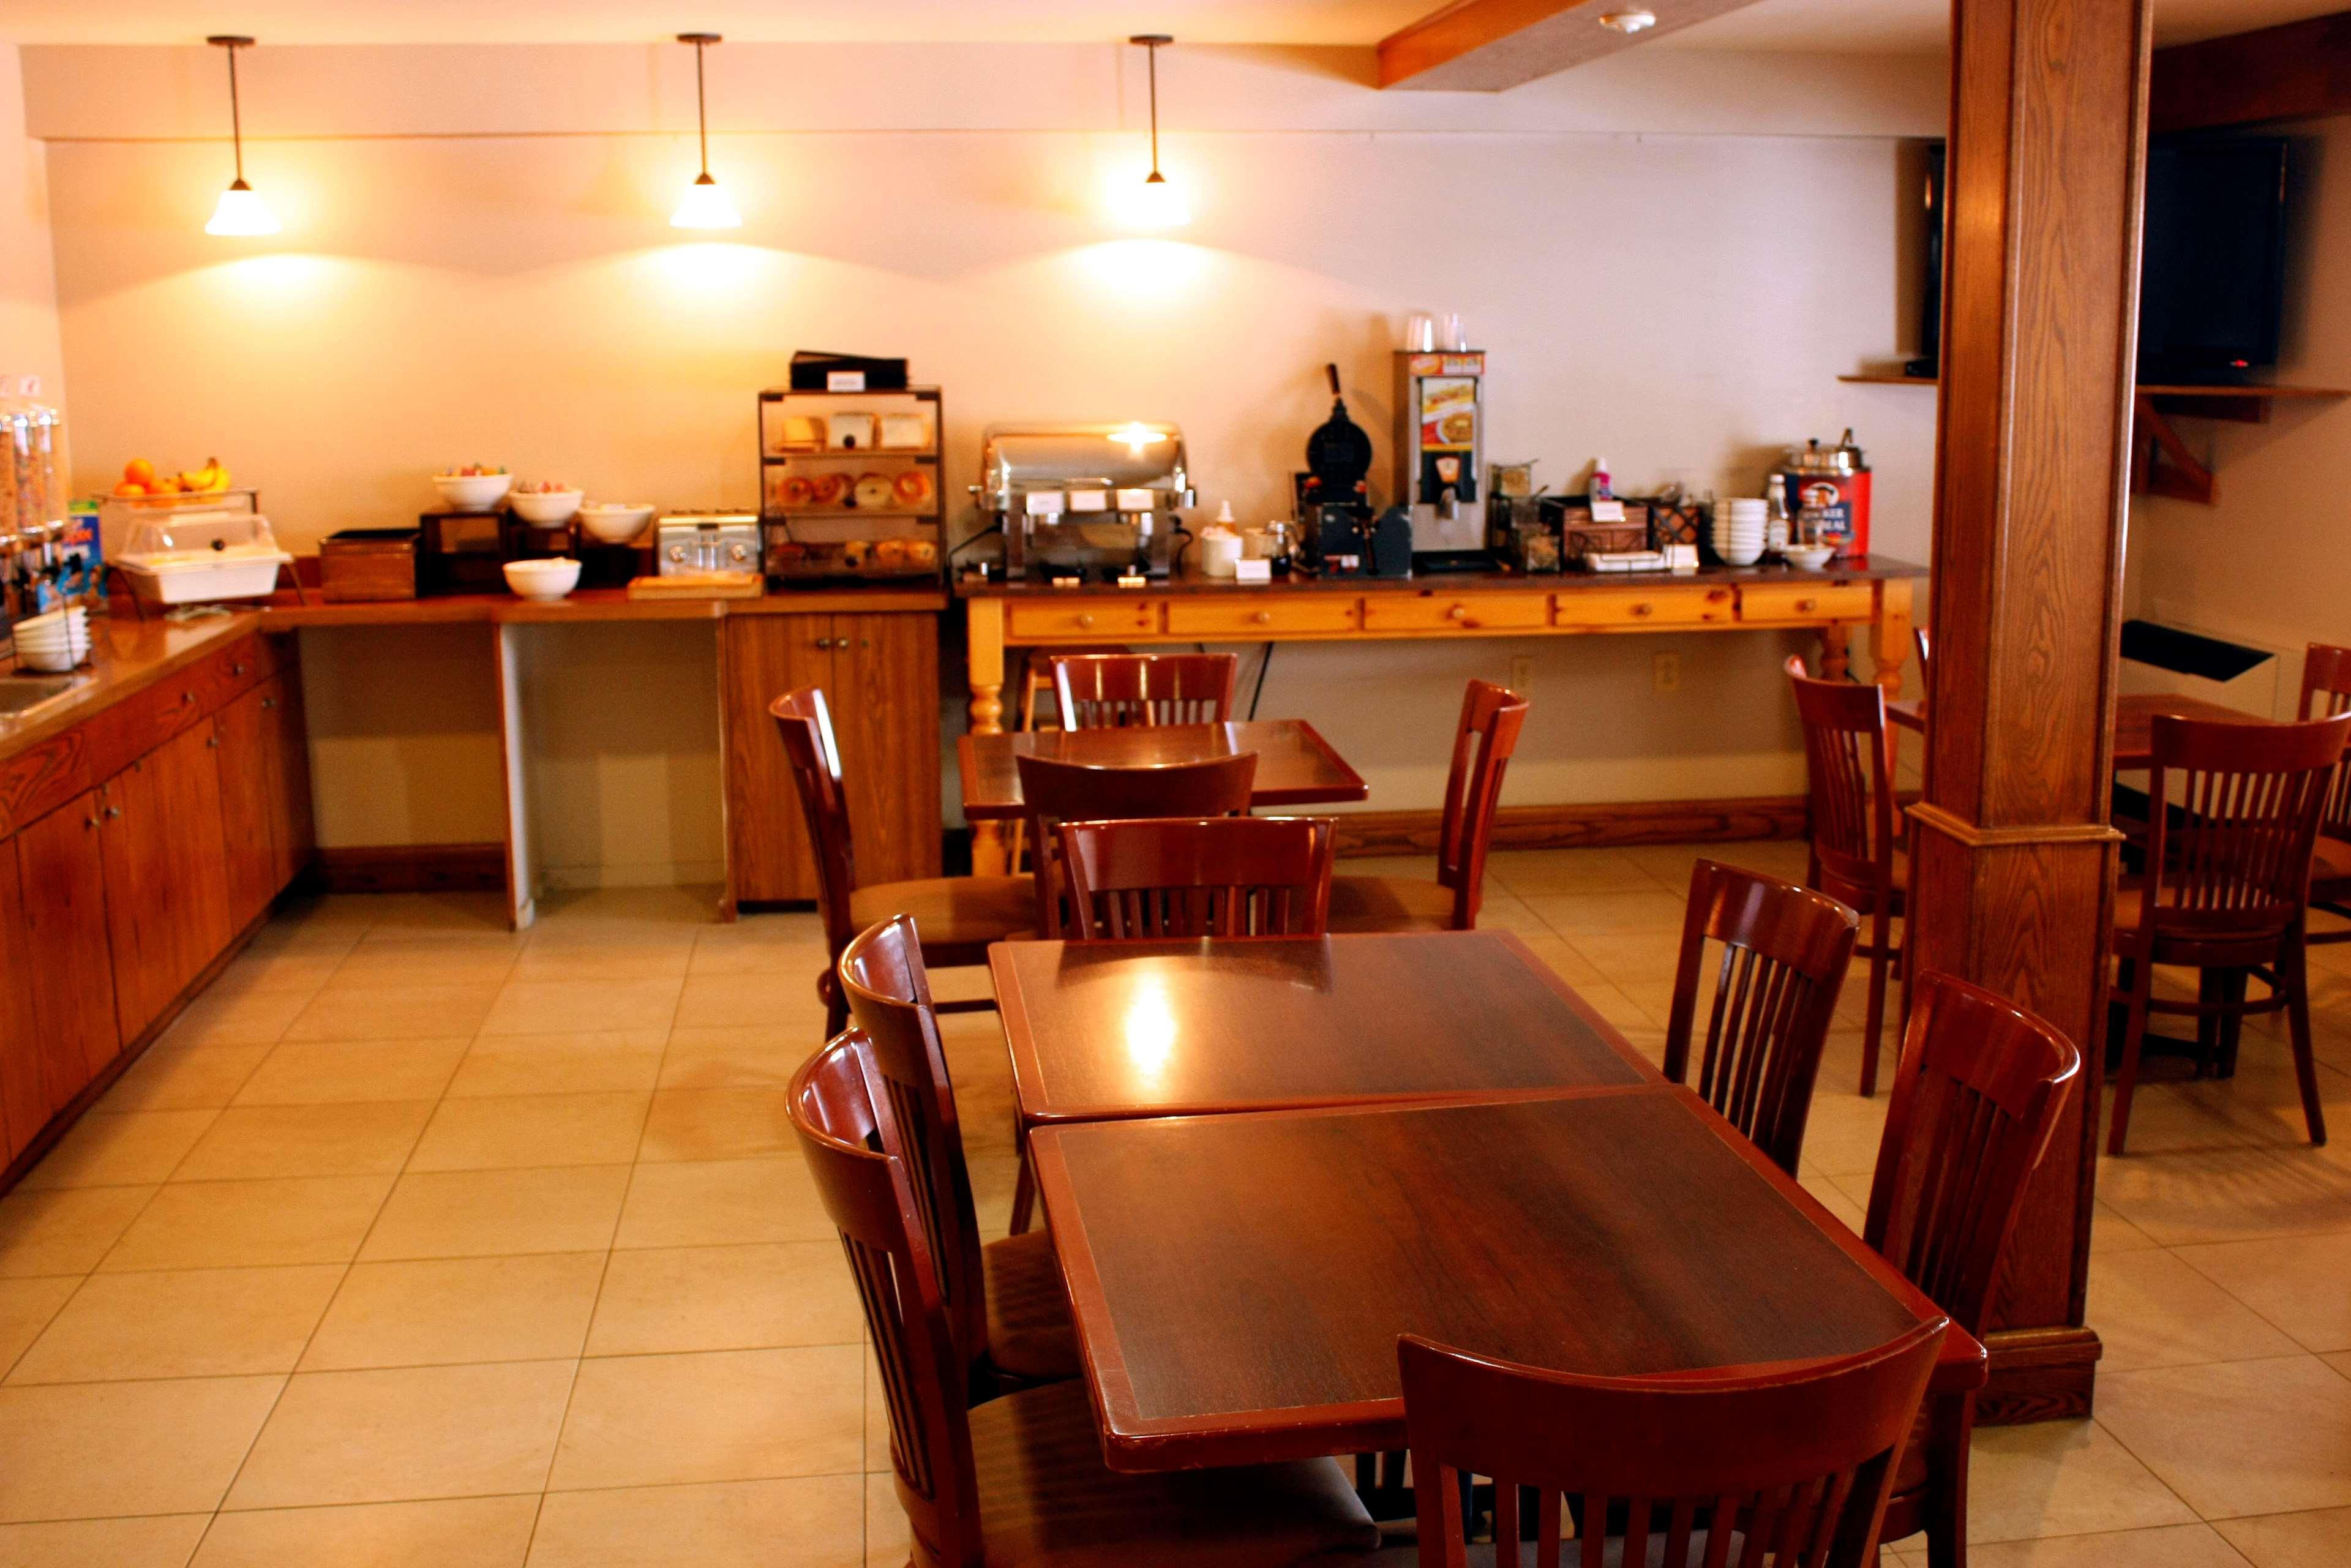 Country Inn & Suites by Radisson, Saskatoon, SK in Saskatoon: Breakfast Area